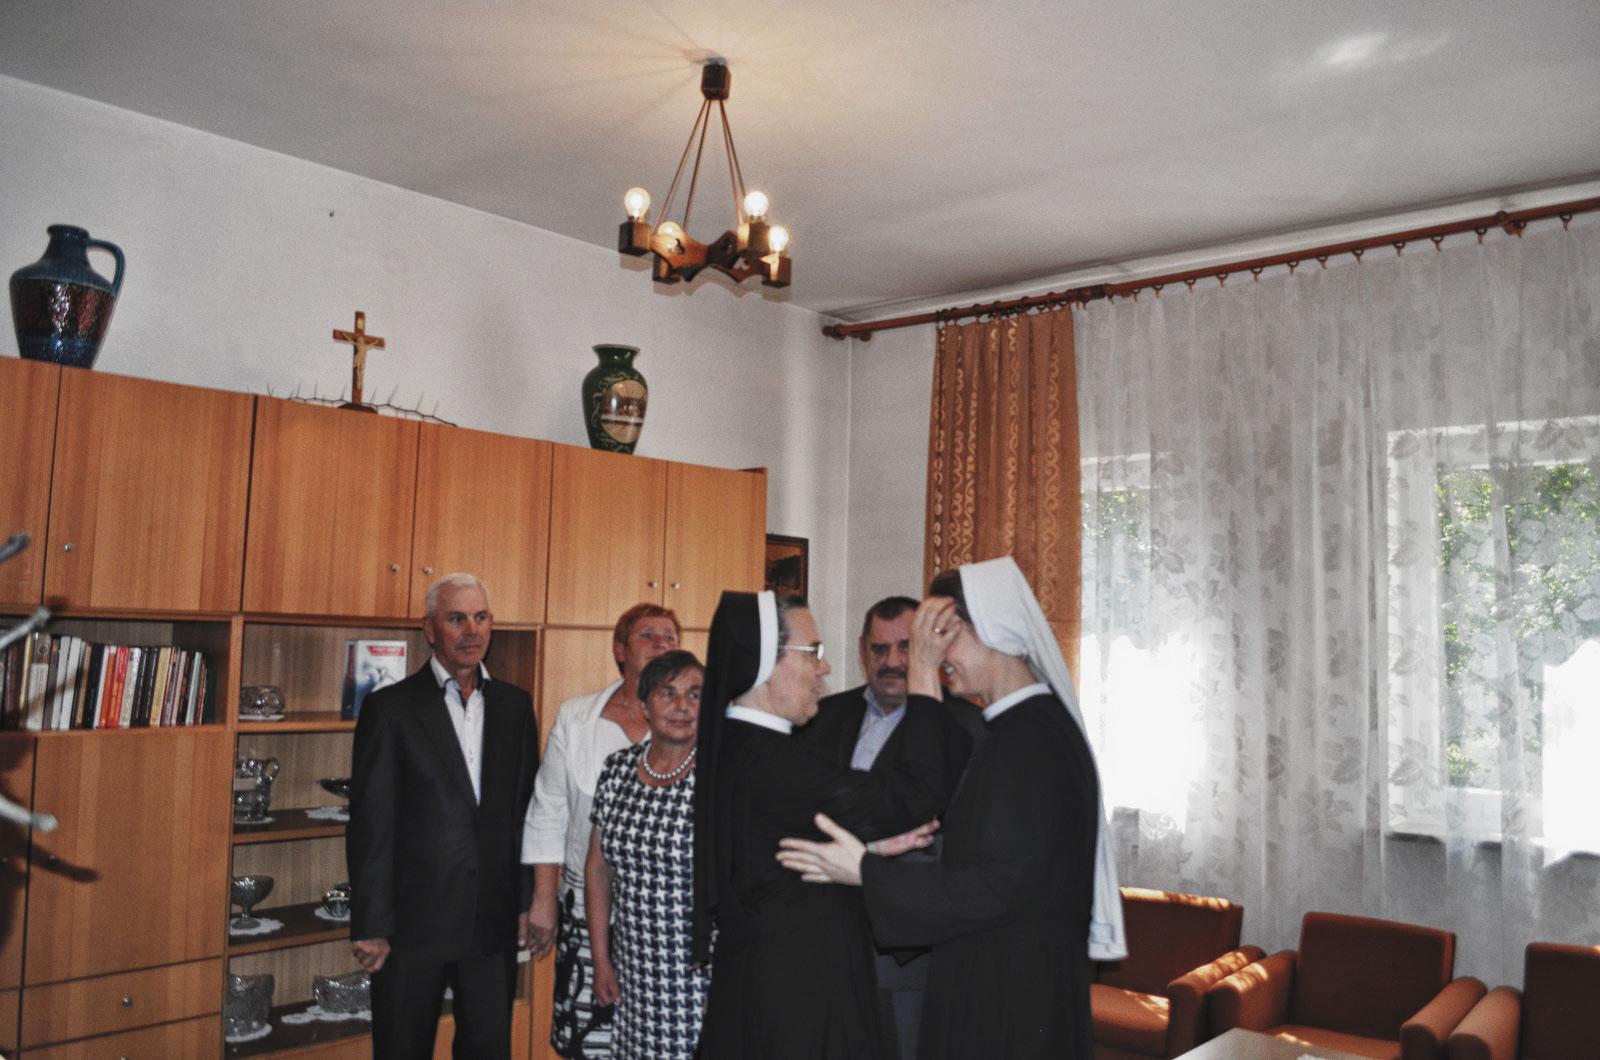 Sióstr_św_Elżbiety-Pierwsze_Śluby_fotorelacja-I-SLUBY-DSC_0538-min.jpg